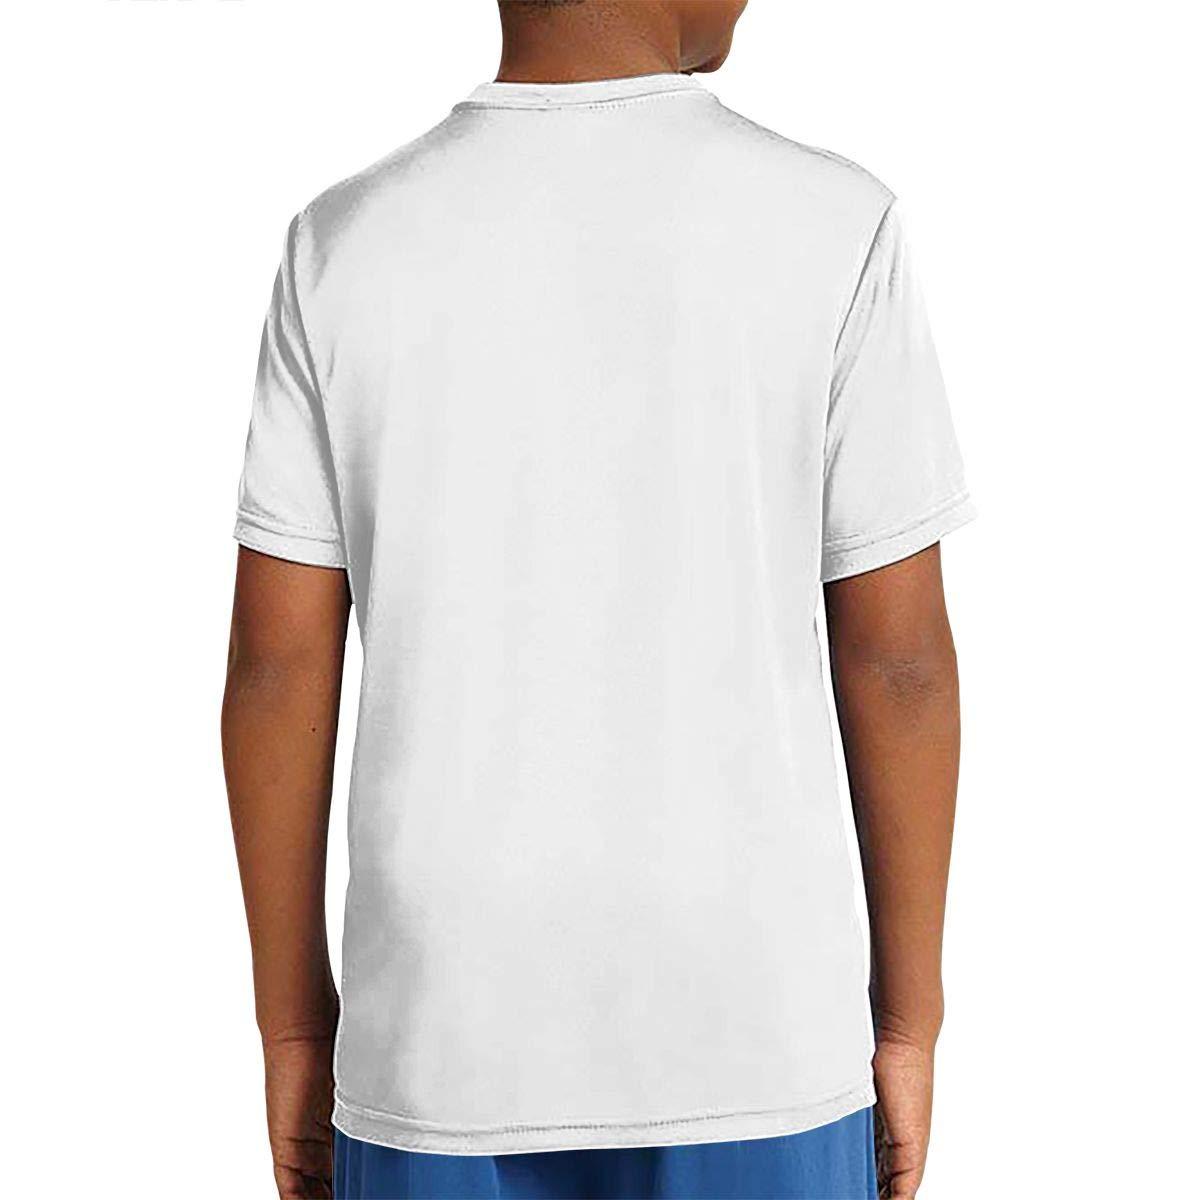 ROWANJEFFERS The Exploited Unisex Boys Girls T Shirts Youth Tees White